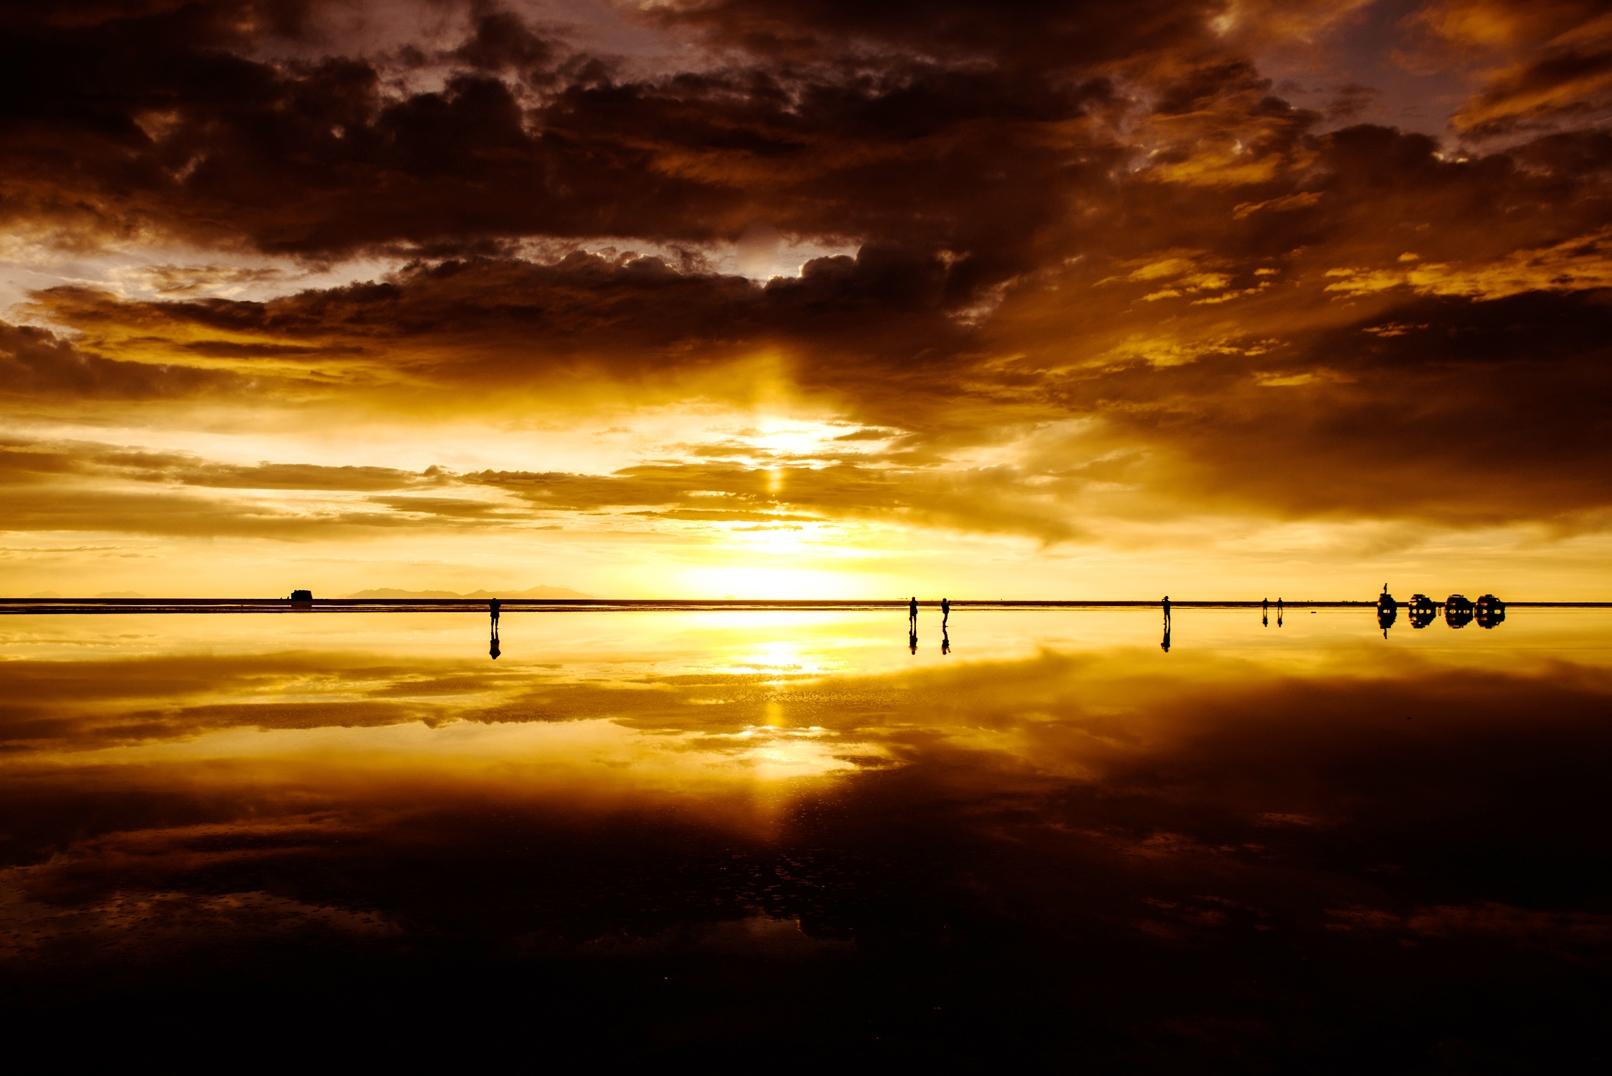 幻想的な雰囲気に包まれるウユニ塩湖のサンセット